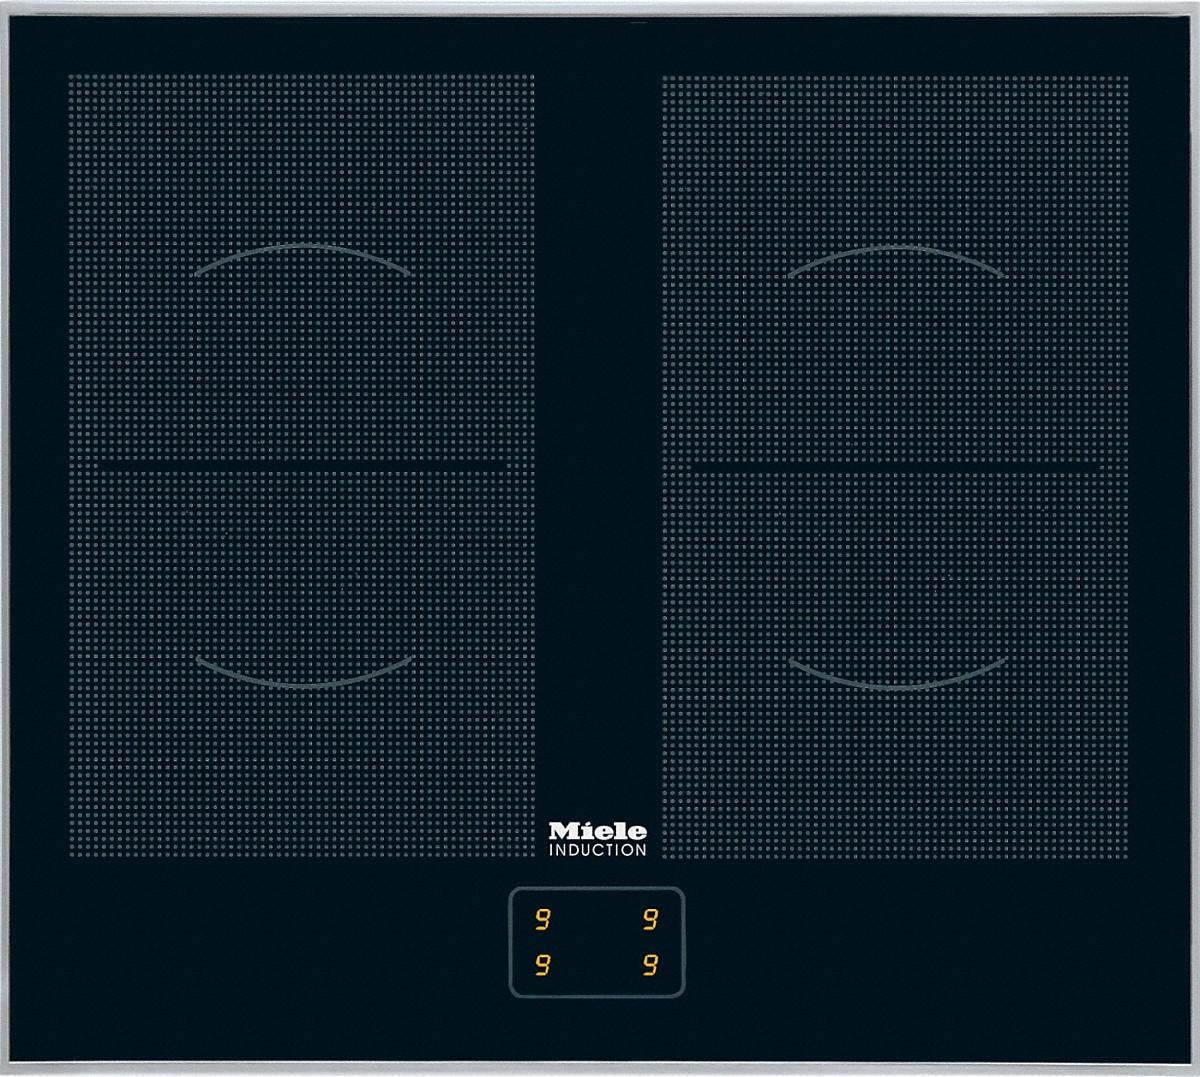 miele km 6093 induktion kochfeld glaskeramik induktion. Black Bedroom Furniture Sets. Home Design Ideas